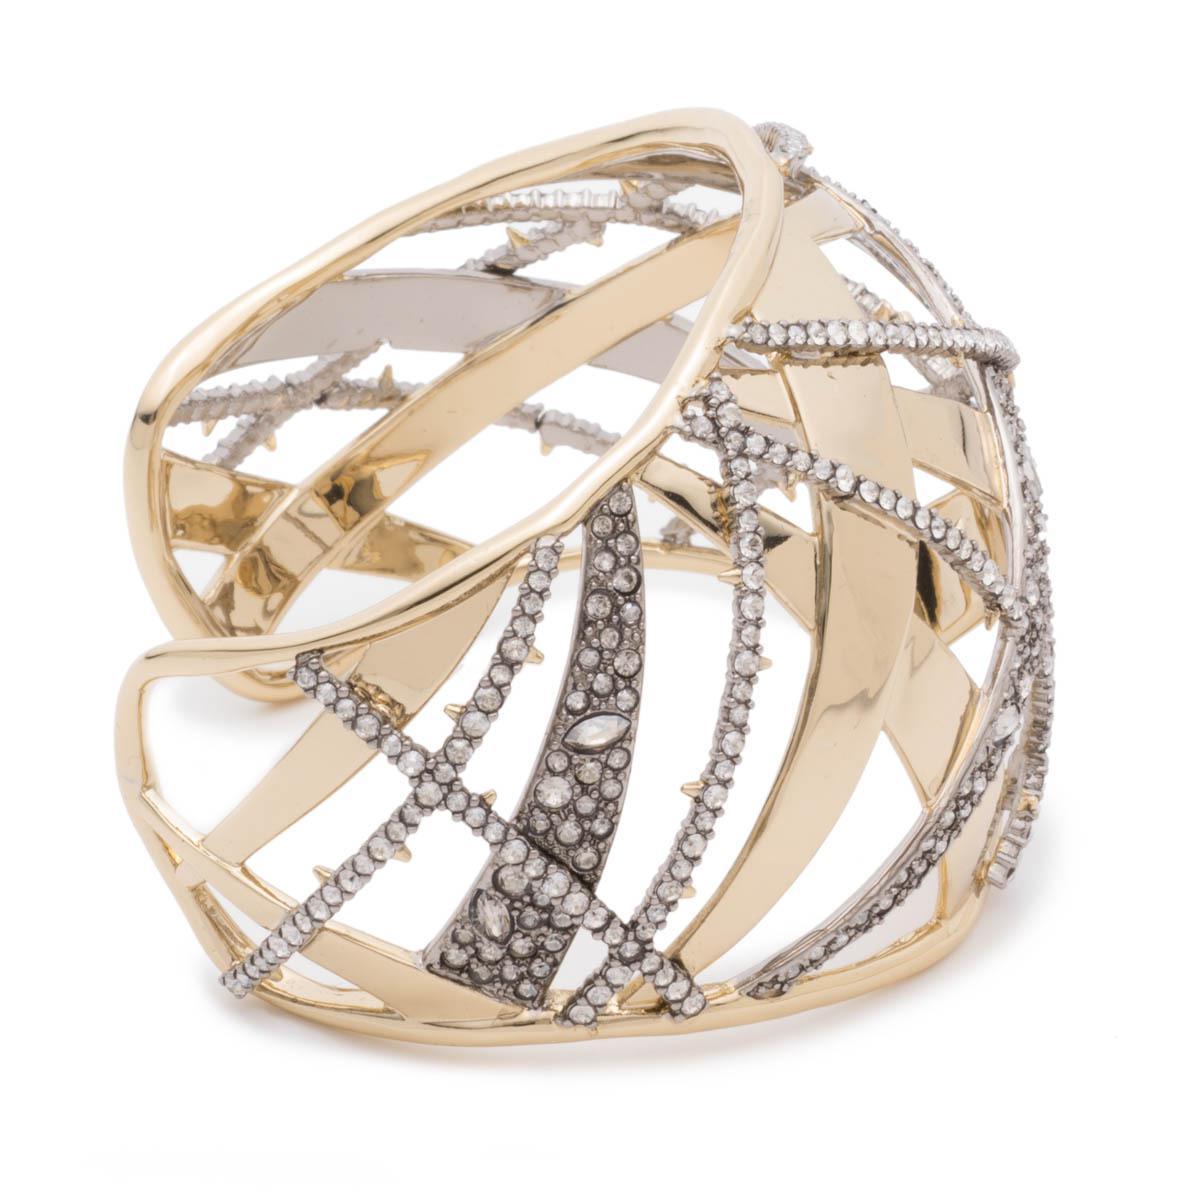 Alexis Bittar Crystal Encrusted Plaid Cuff Bracelet pTgcUwpG